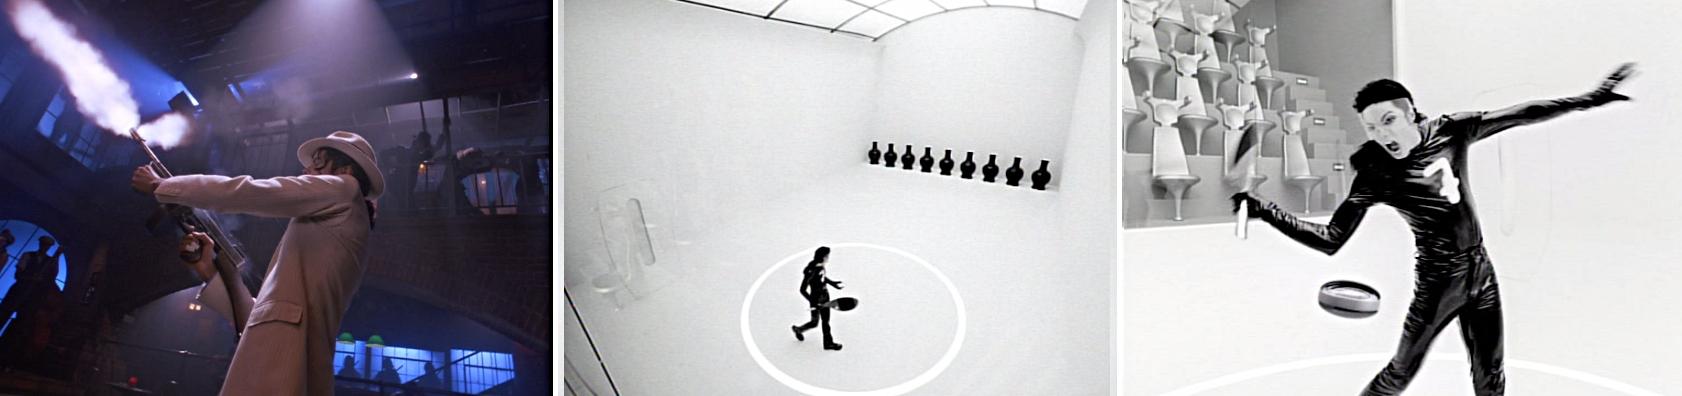 Bild links: Jackson schießt mit einem Maschinengewehr Bild Mitte und rechts: Jackson schießt mit einem Tennisschläger